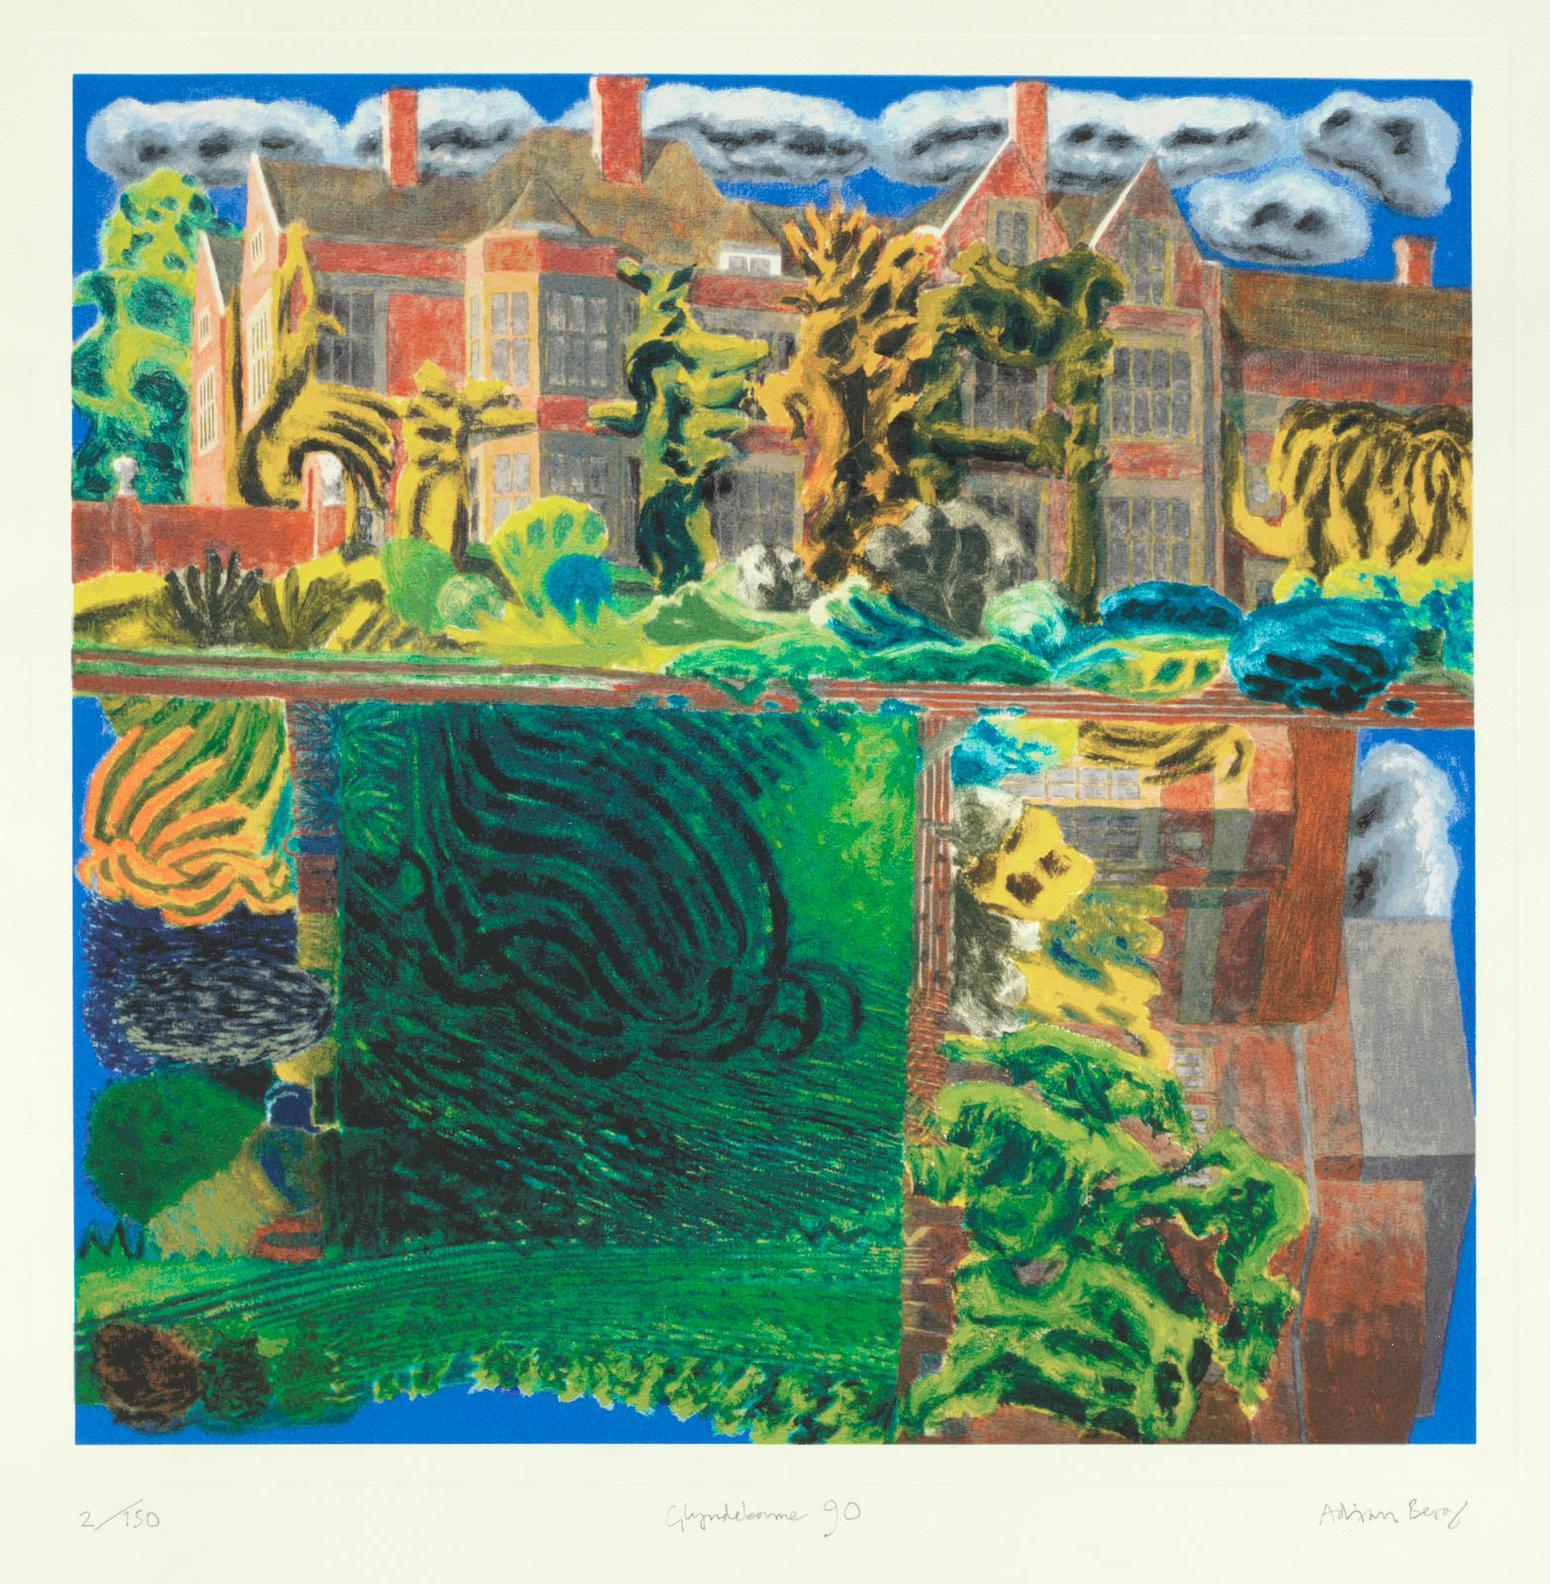 Adrian Berg Ra - Glyndebourne-1990